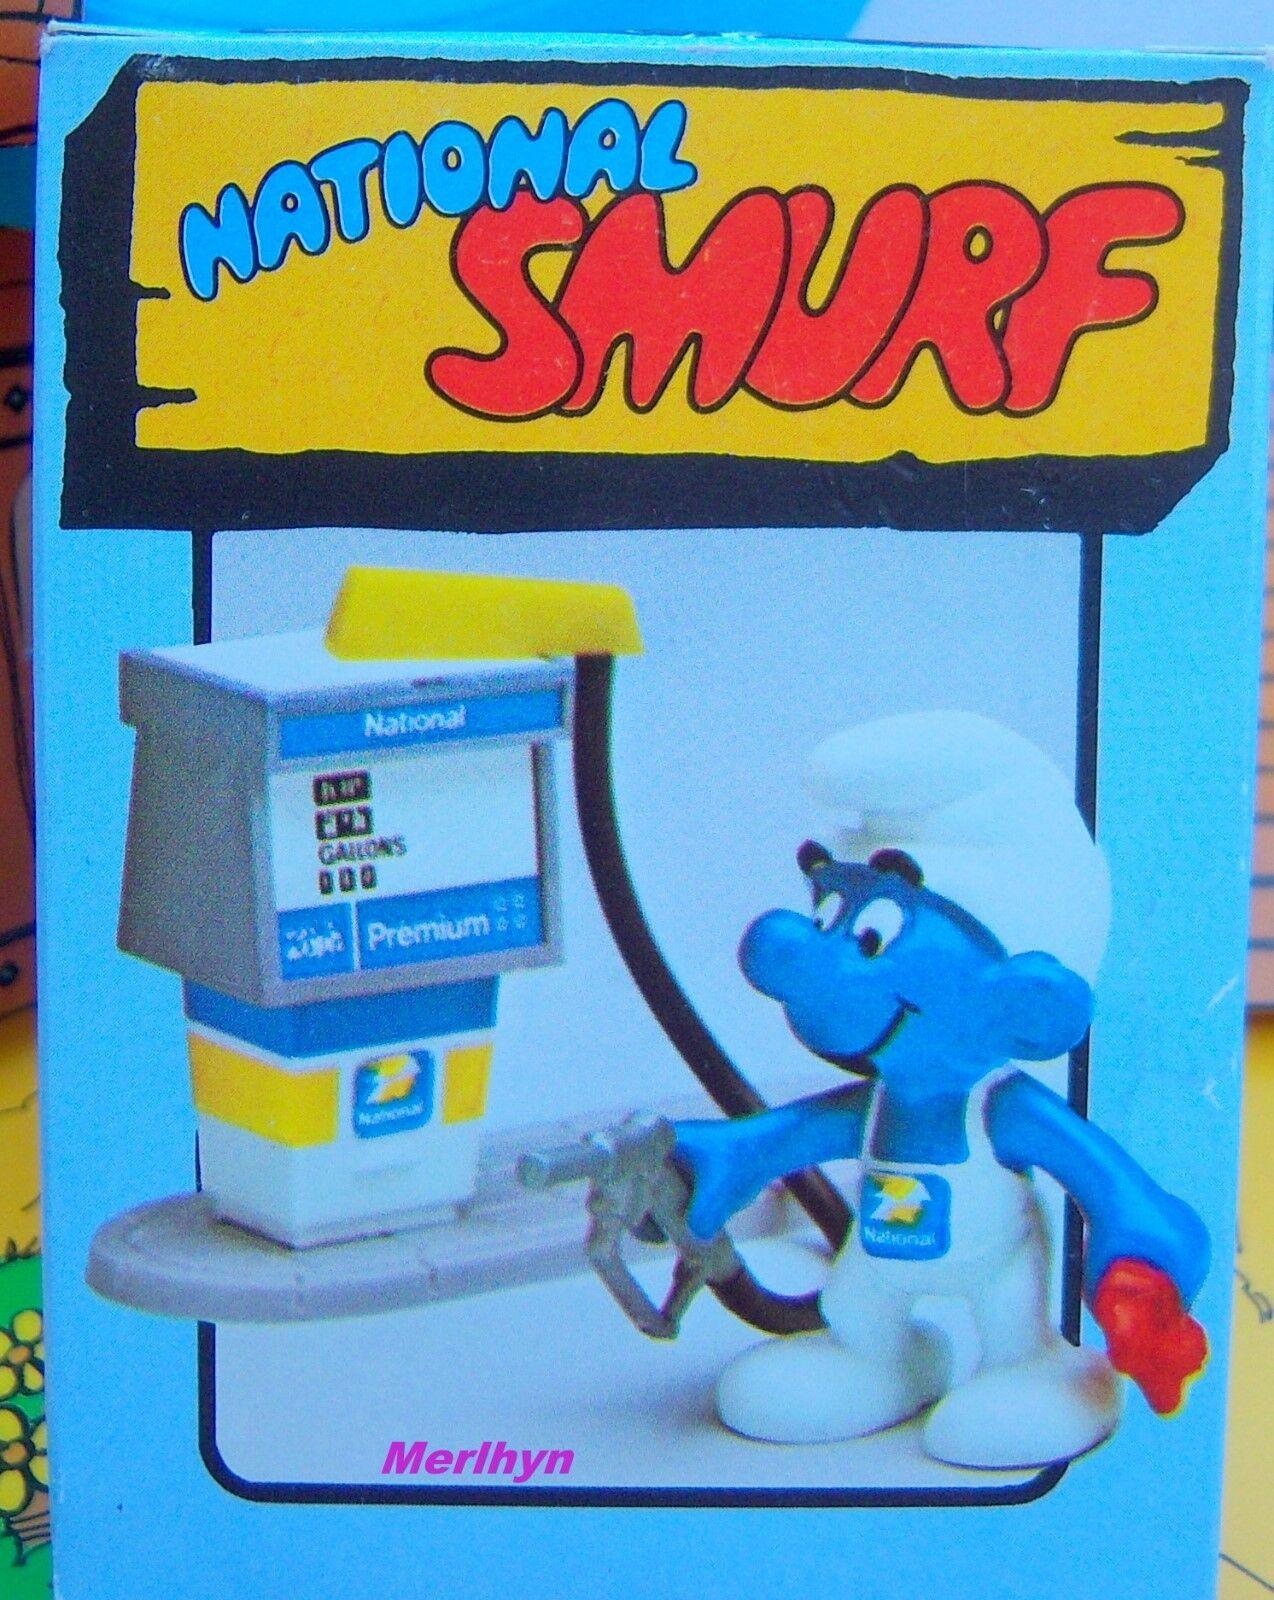 respuestas rápidas Schtroumpf station pompiste national smurf puffo Pitufo Pitufo Pitufo puffi puffo boite box  solo para ti